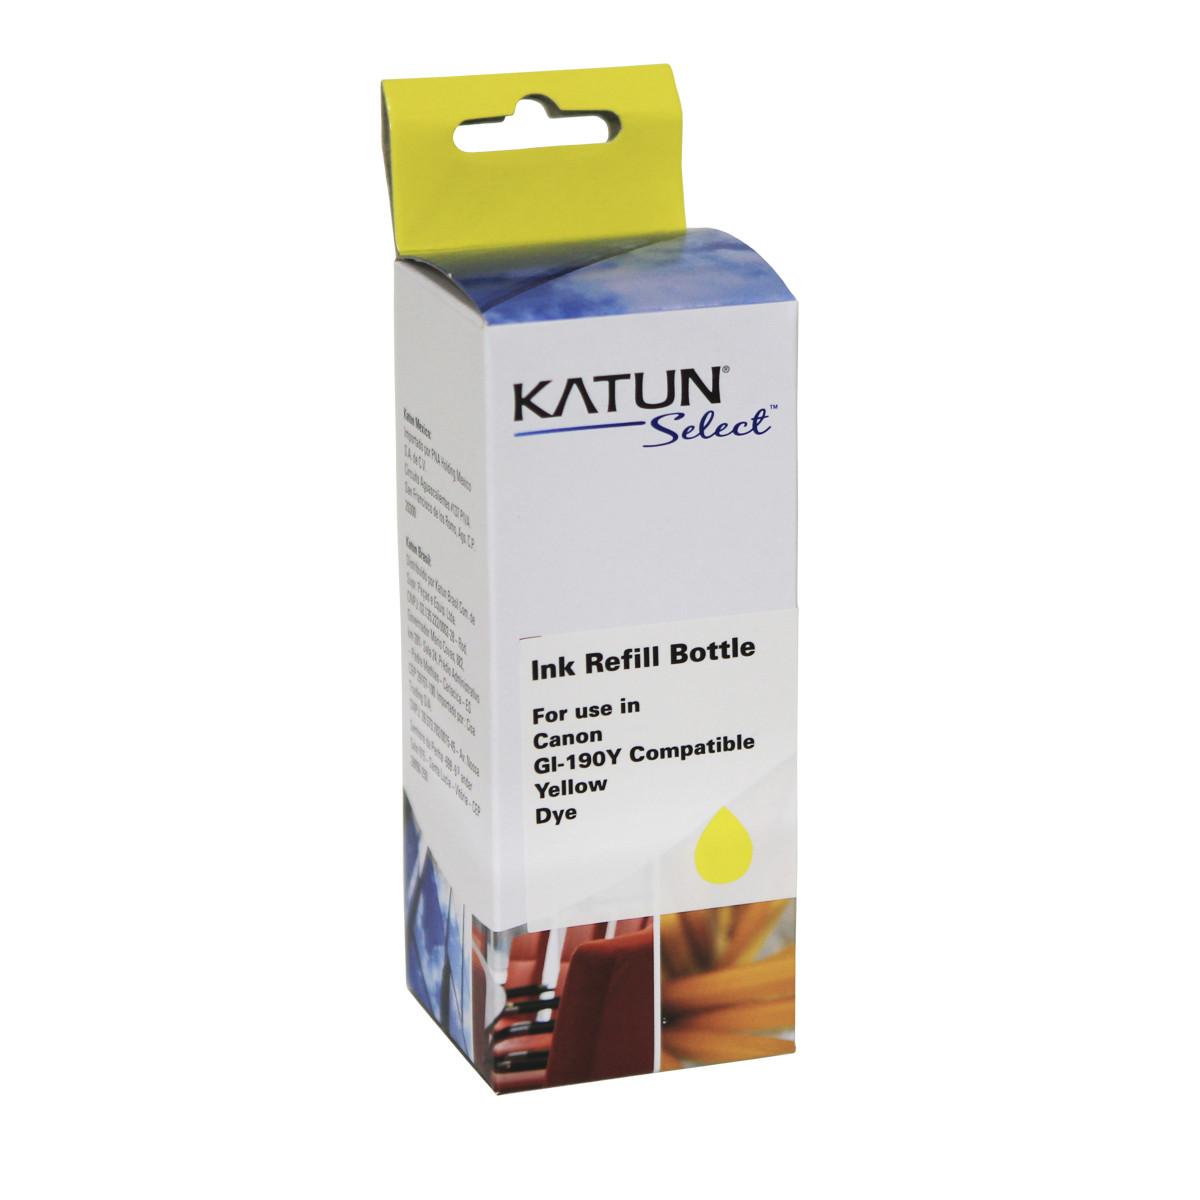 Tinta Compatível com Canon GI-190Y Amarelo | G3100 G2100 G1100 G4100 | Katun Select 100ml